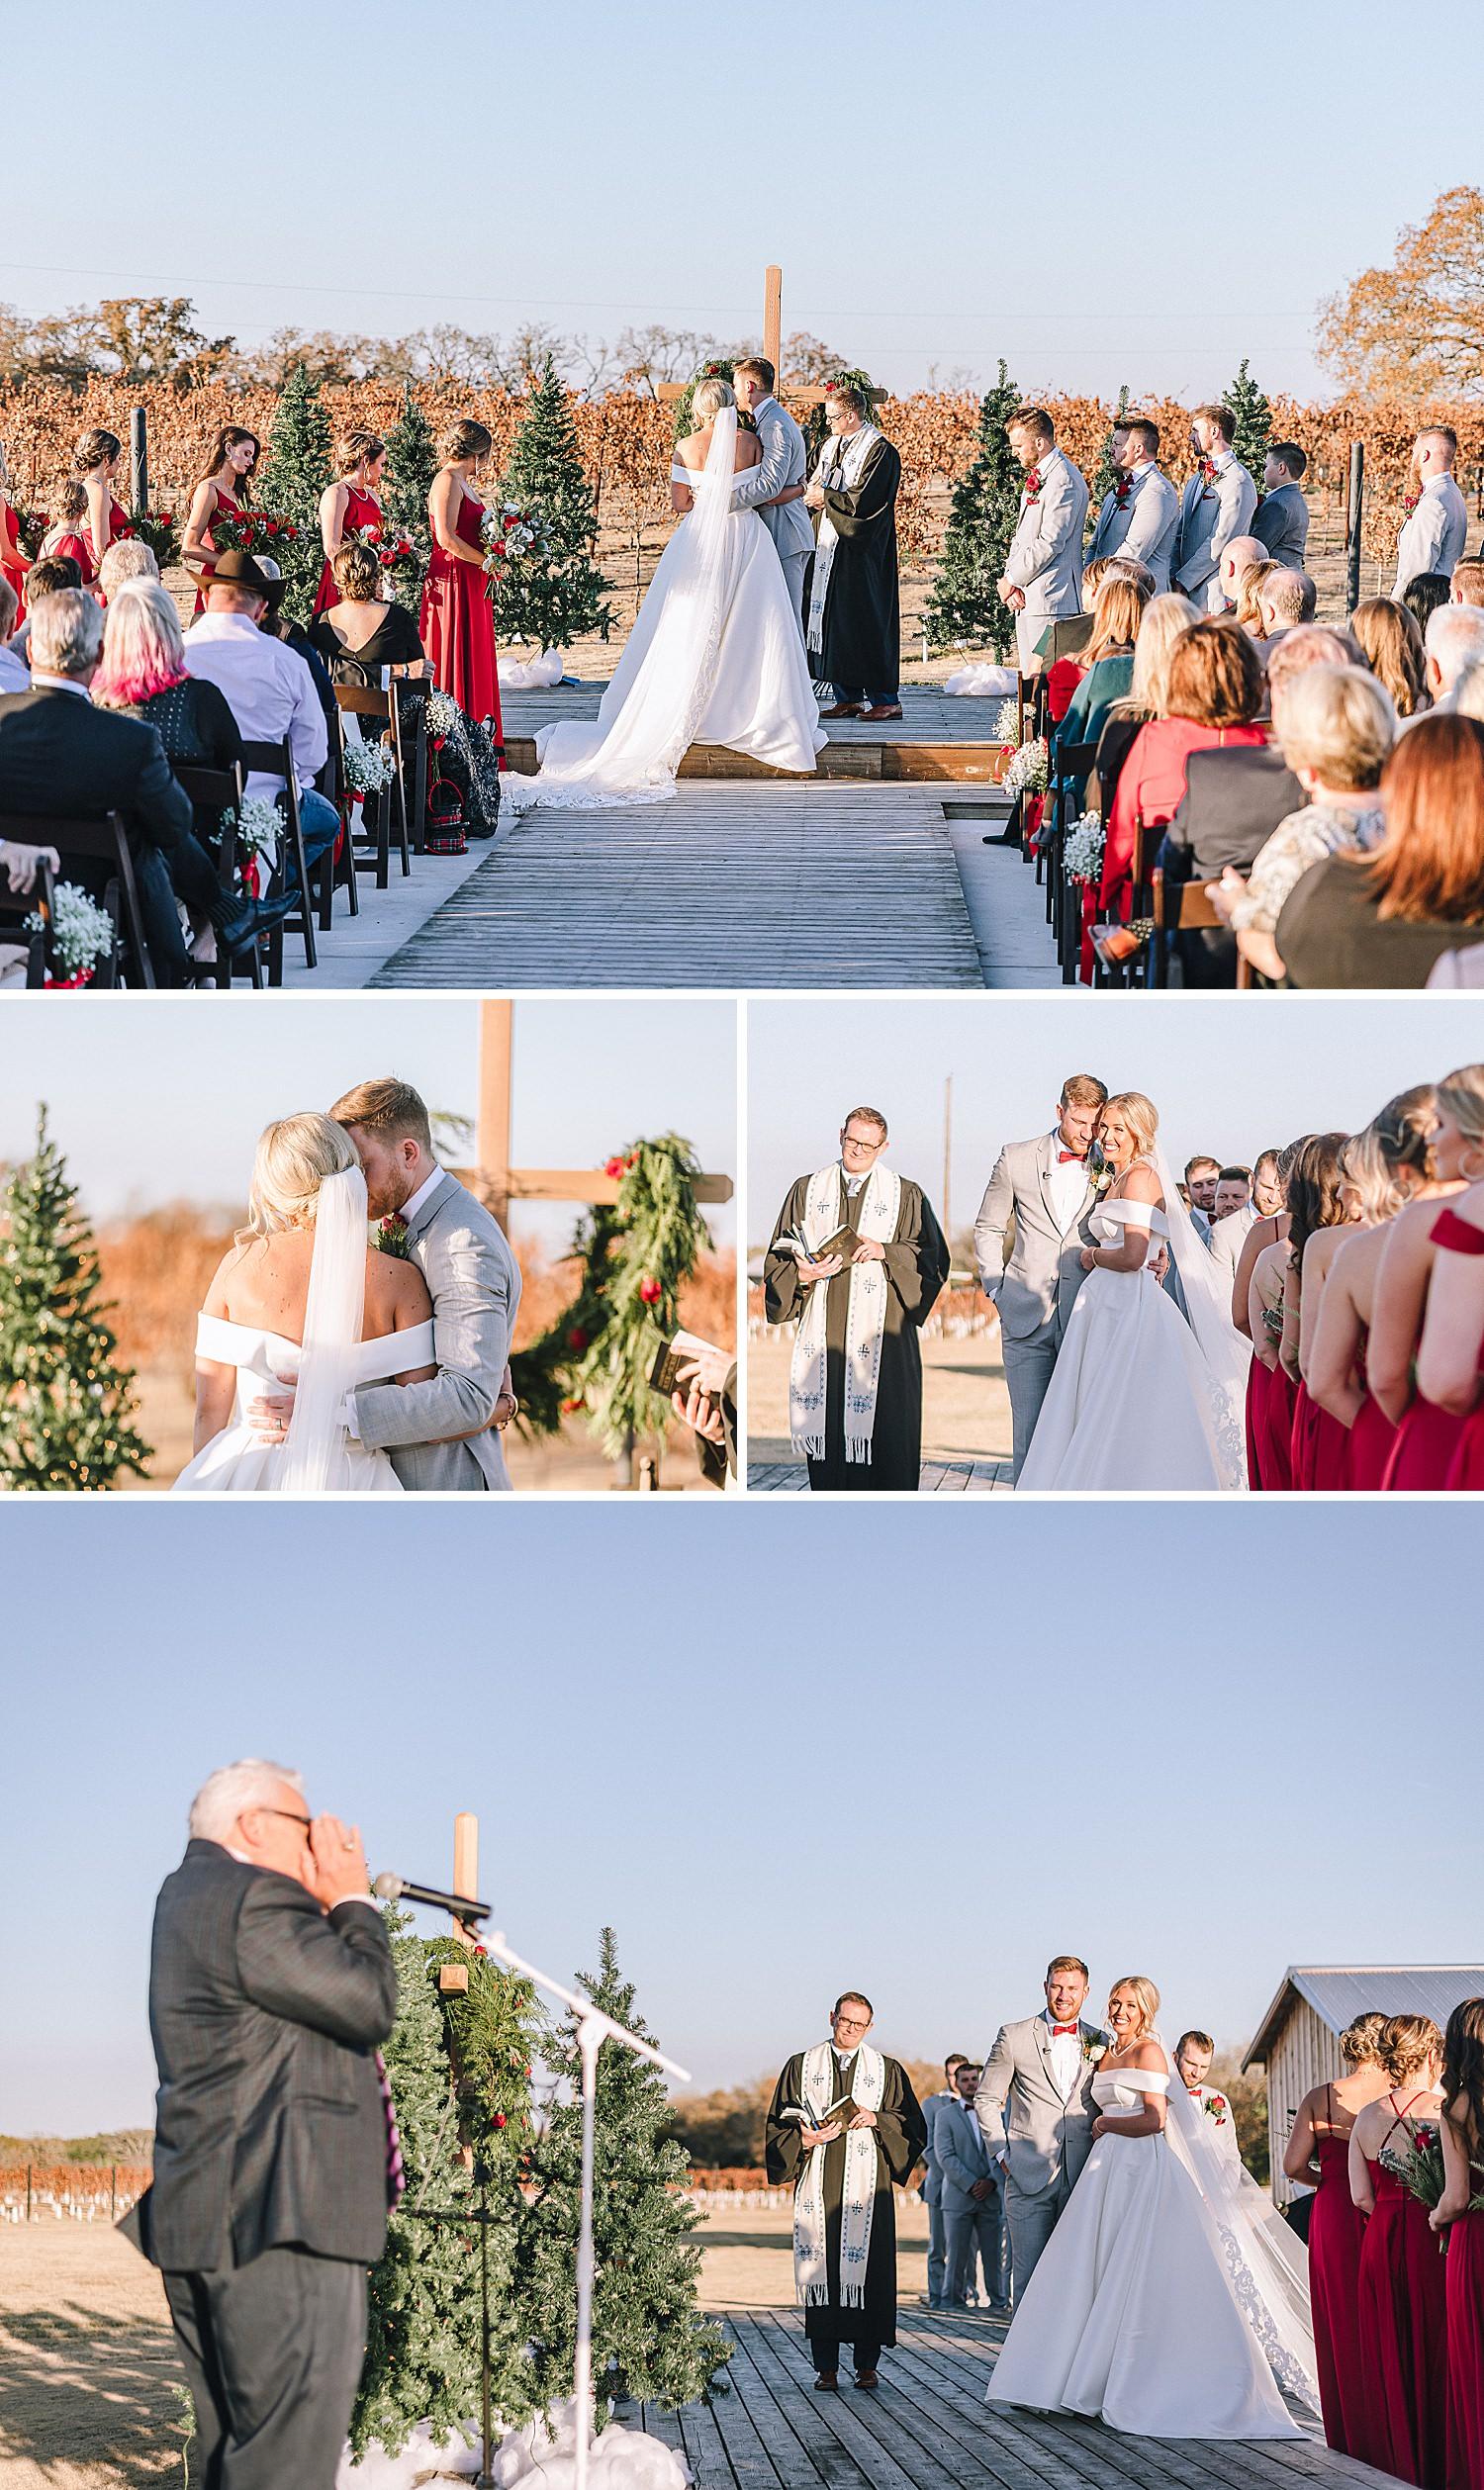 College-Station-Aggie-Wedding-The-Weinberg-at-Wixon-Valley-Christmas-Hallmark-Wedding_0061.jpg